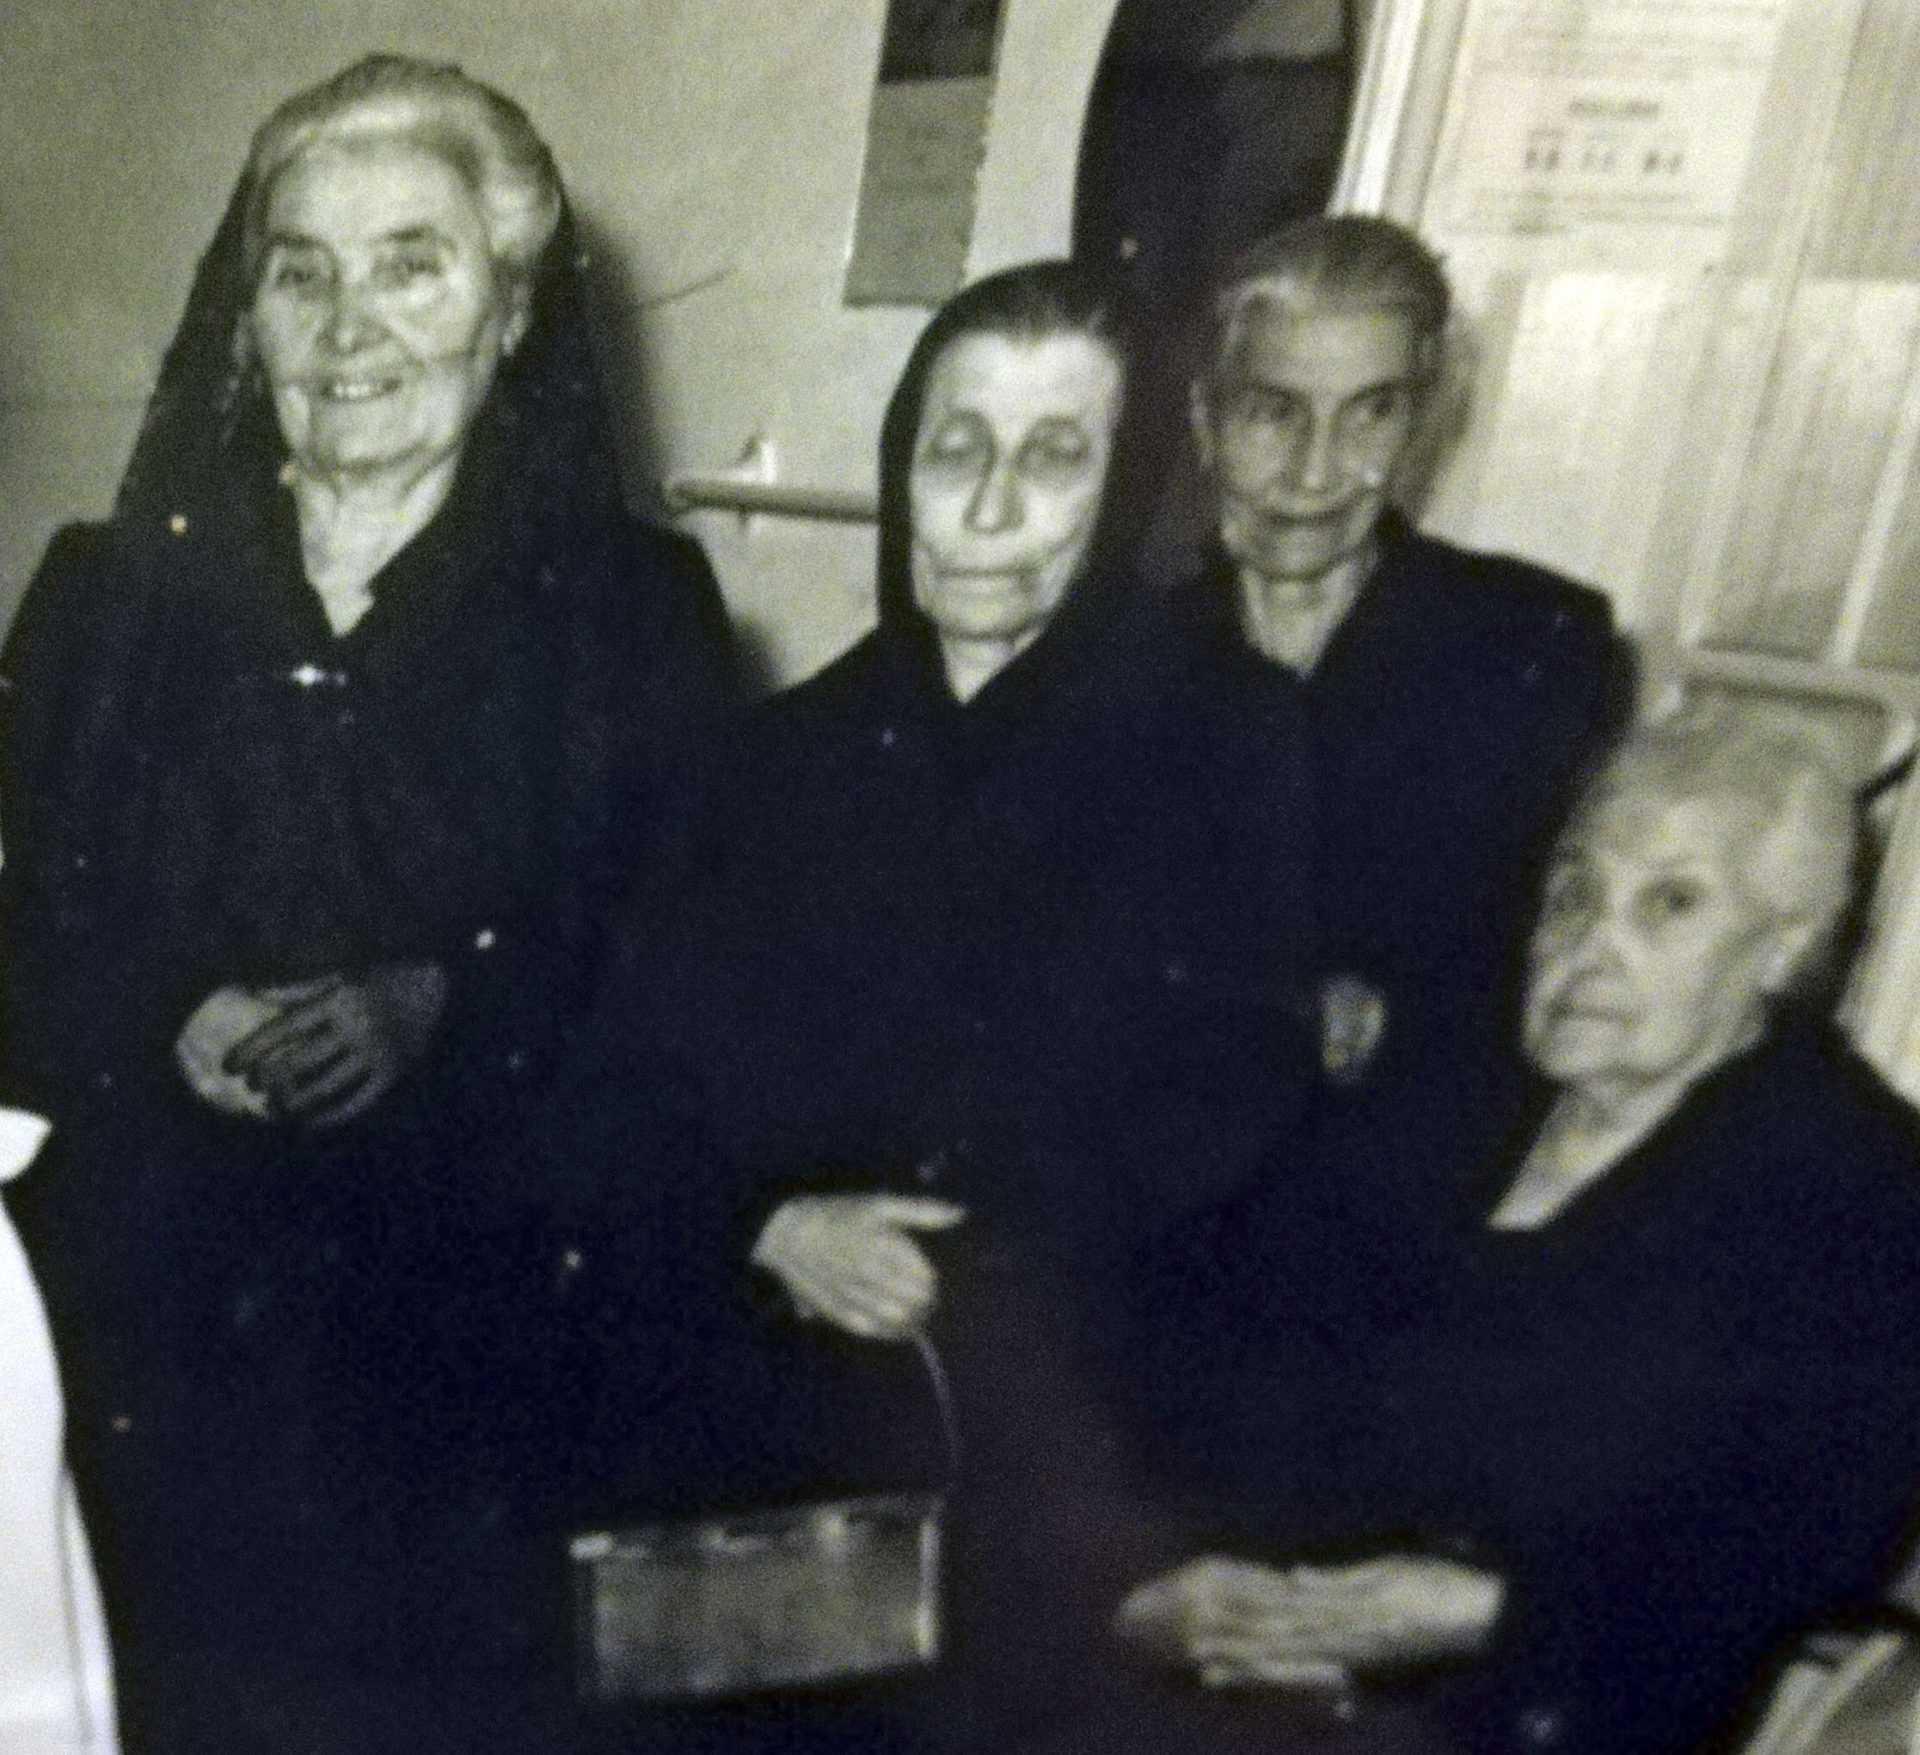 As Corseteiras cunha familiar